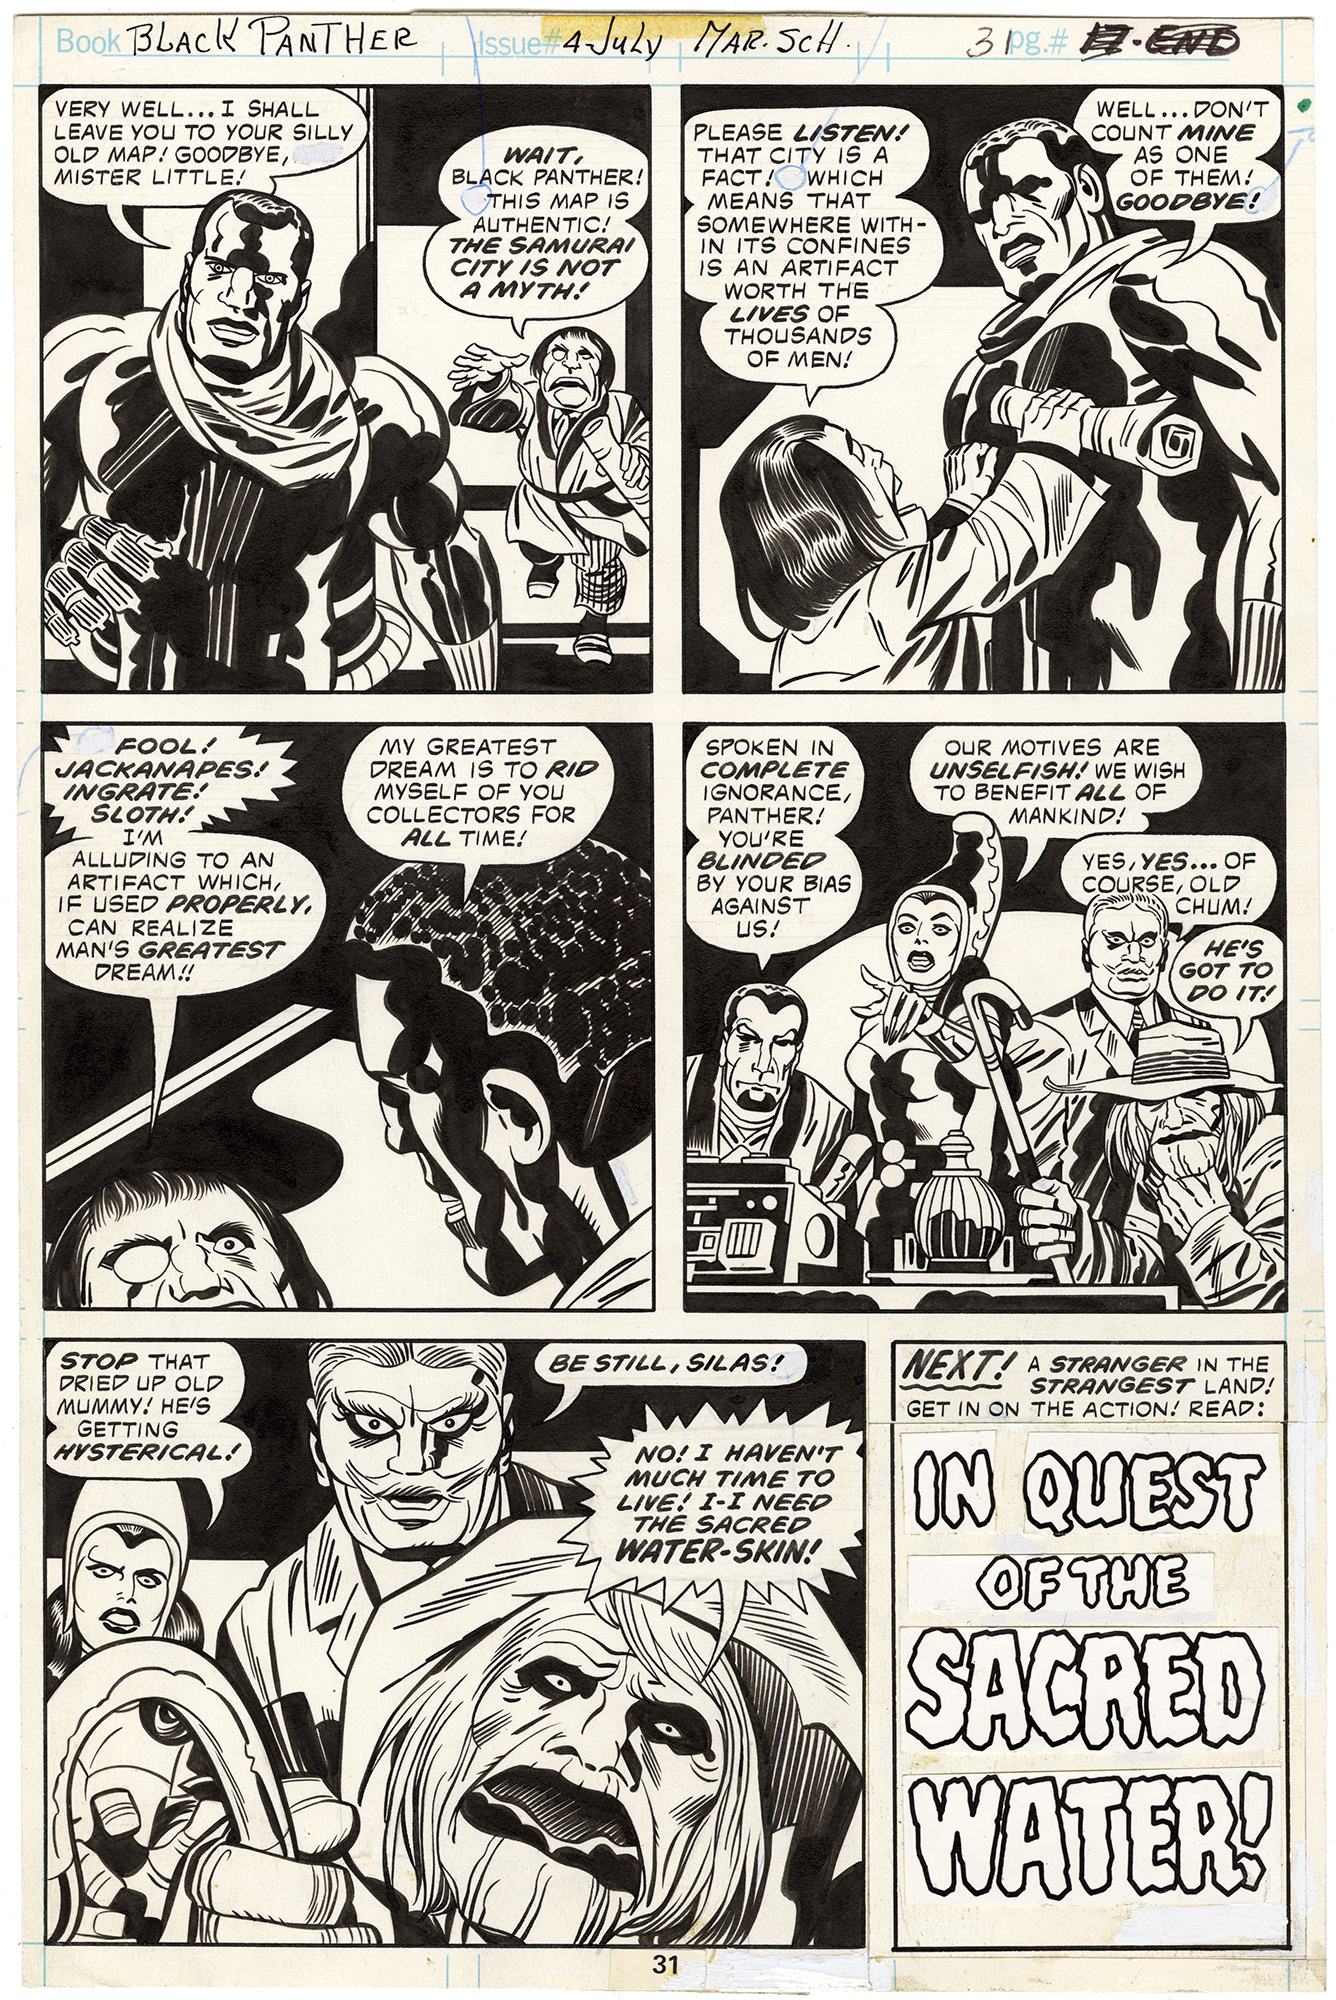 Black Panther #4 p31